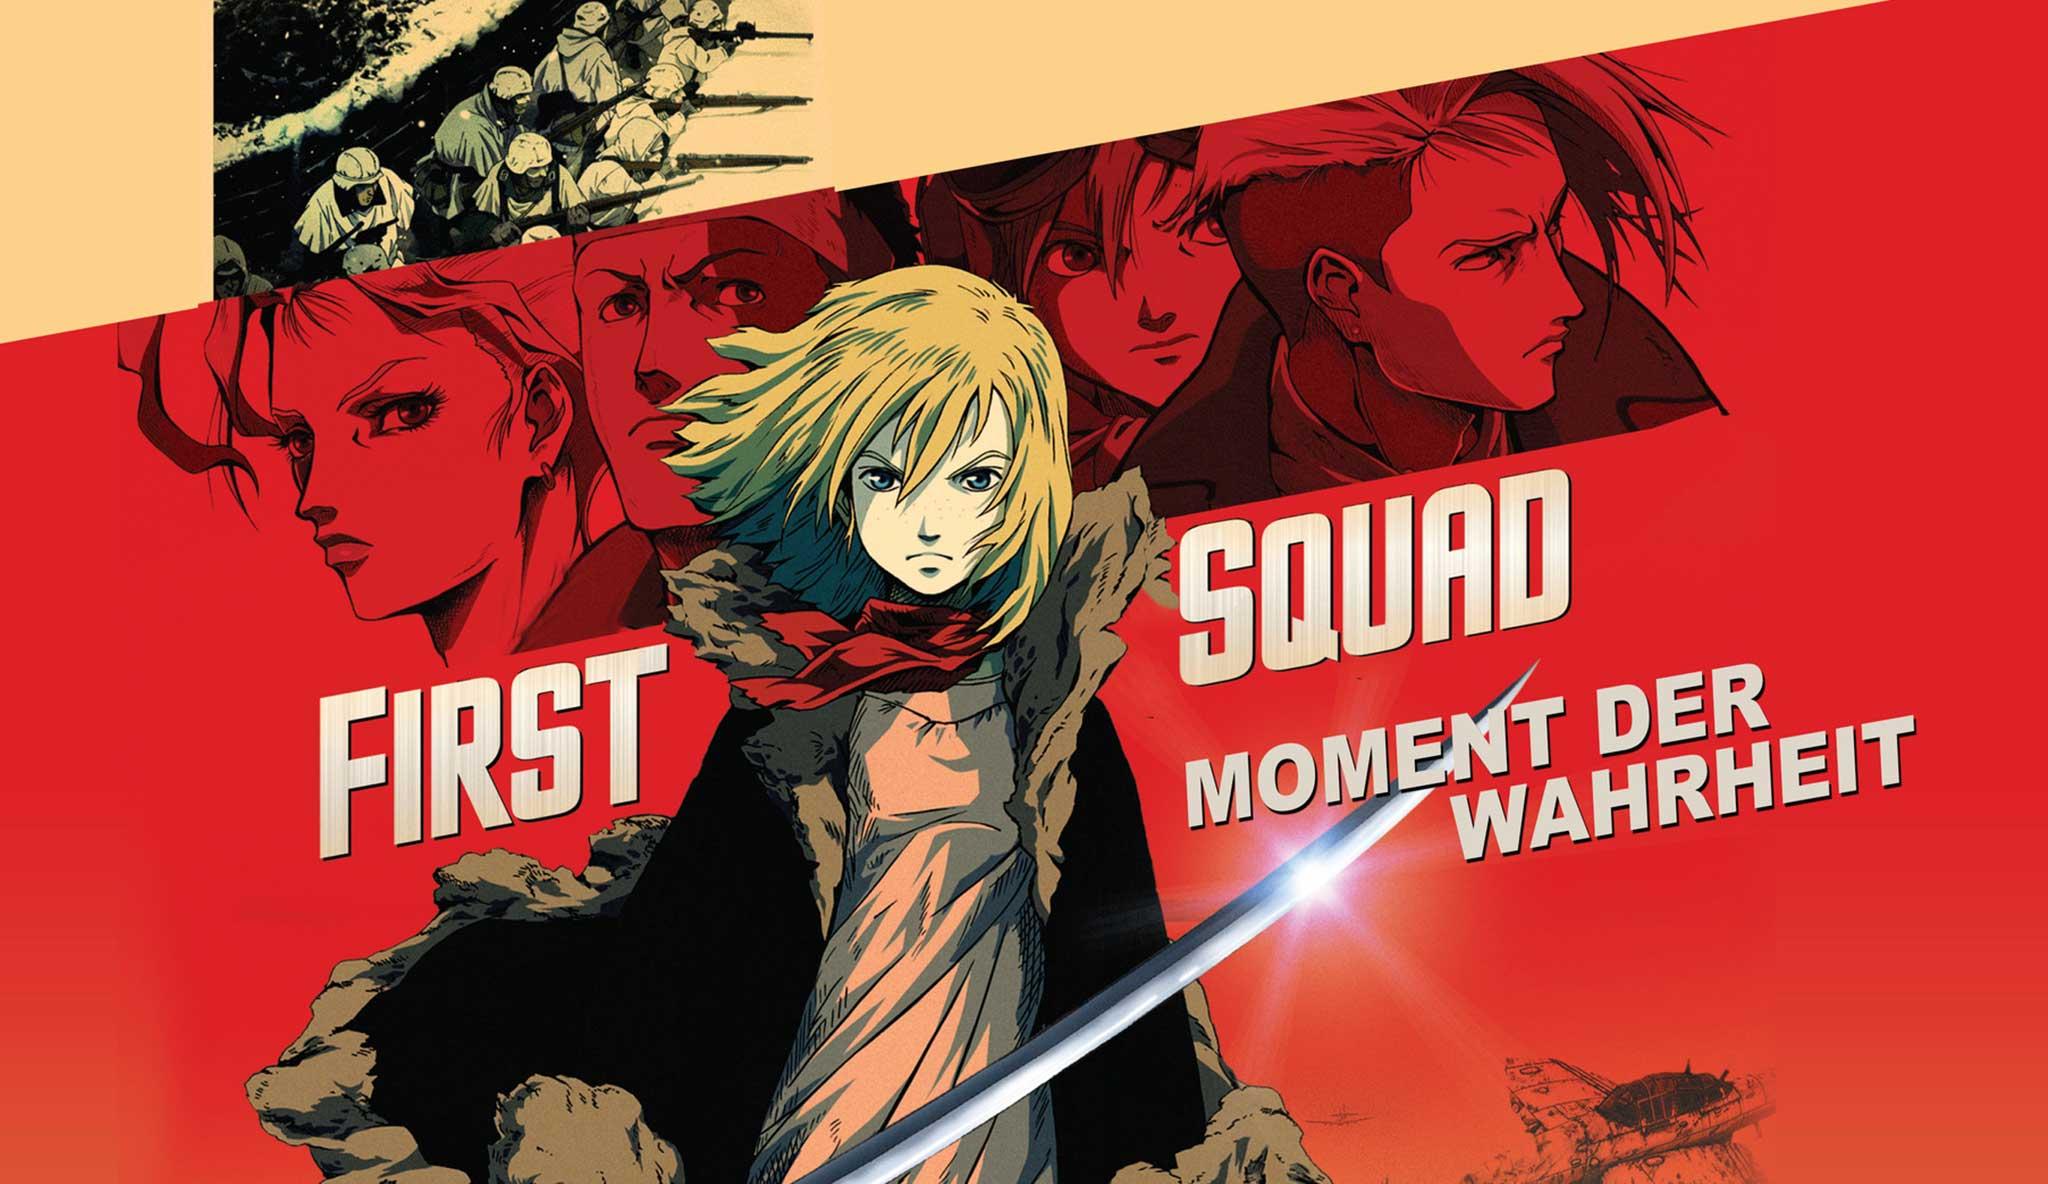 first-squad-moment-der-wahrheit\header.jpg